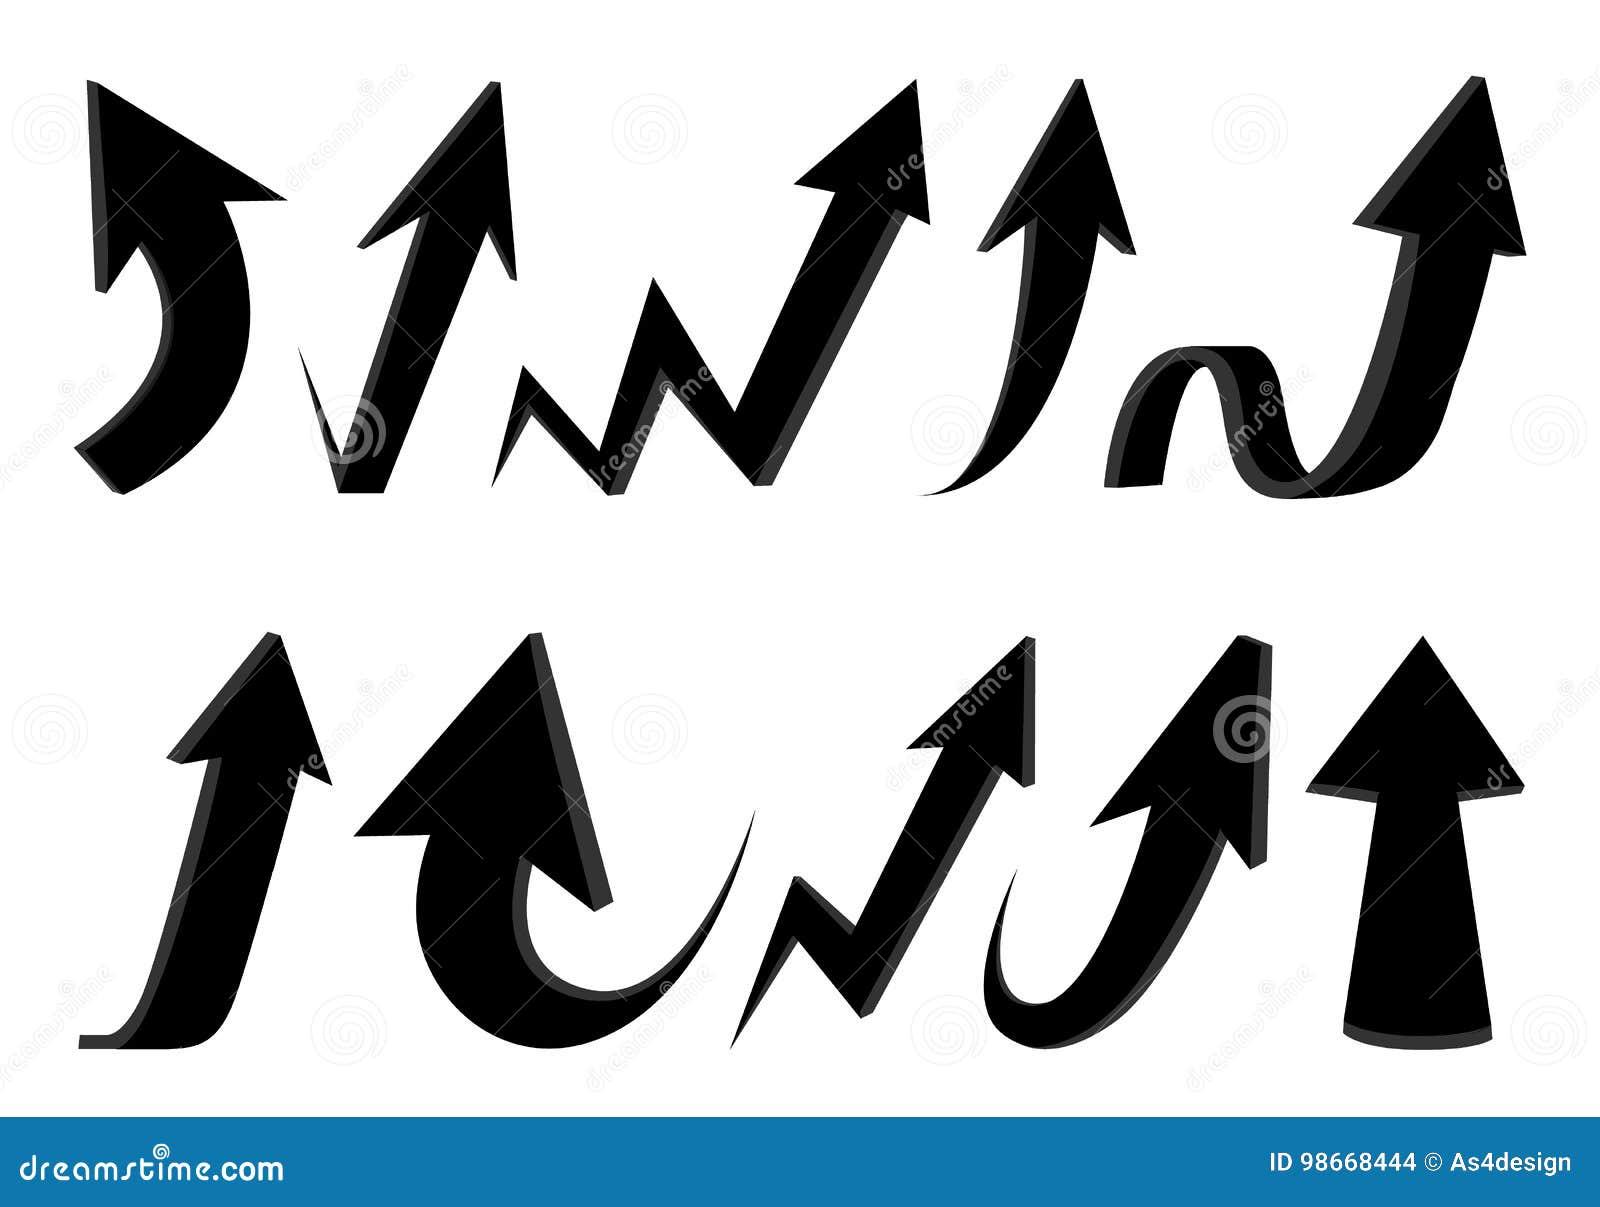 Flechas Ilustraciones Stock, Vectores, Y Clipart